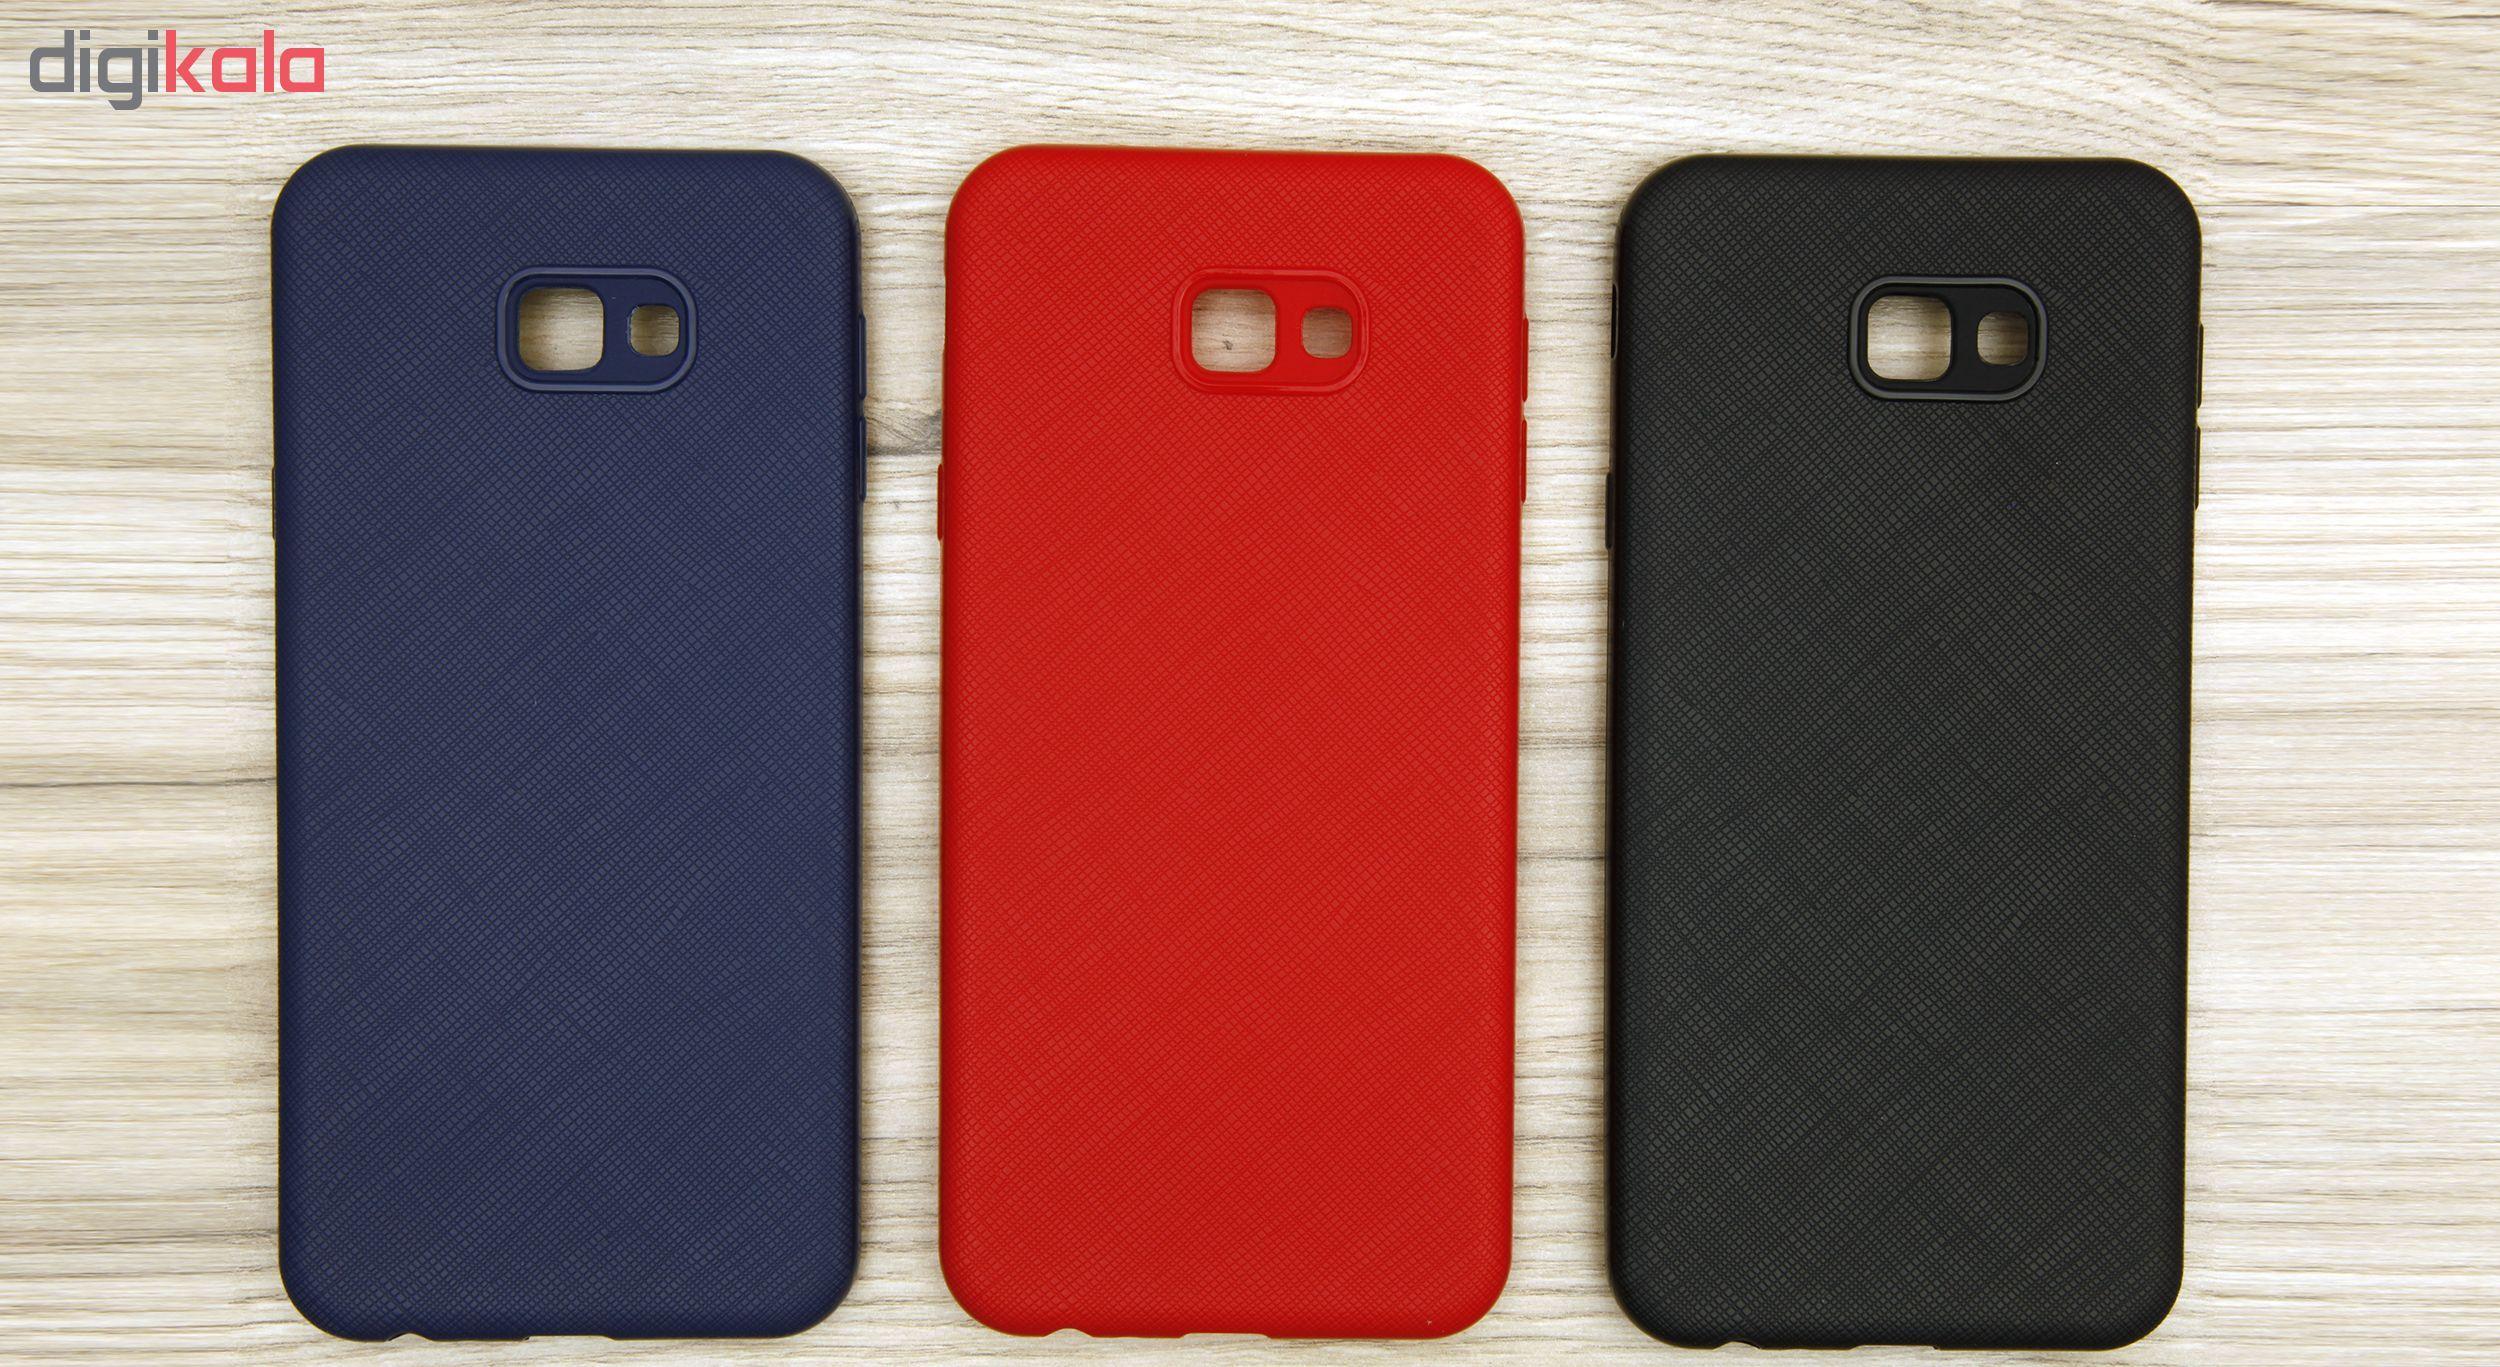 کاور سومگ مدل SC-i001 مناسب برای گوشی موبایل سامسونگ J4 Plus main 1 6